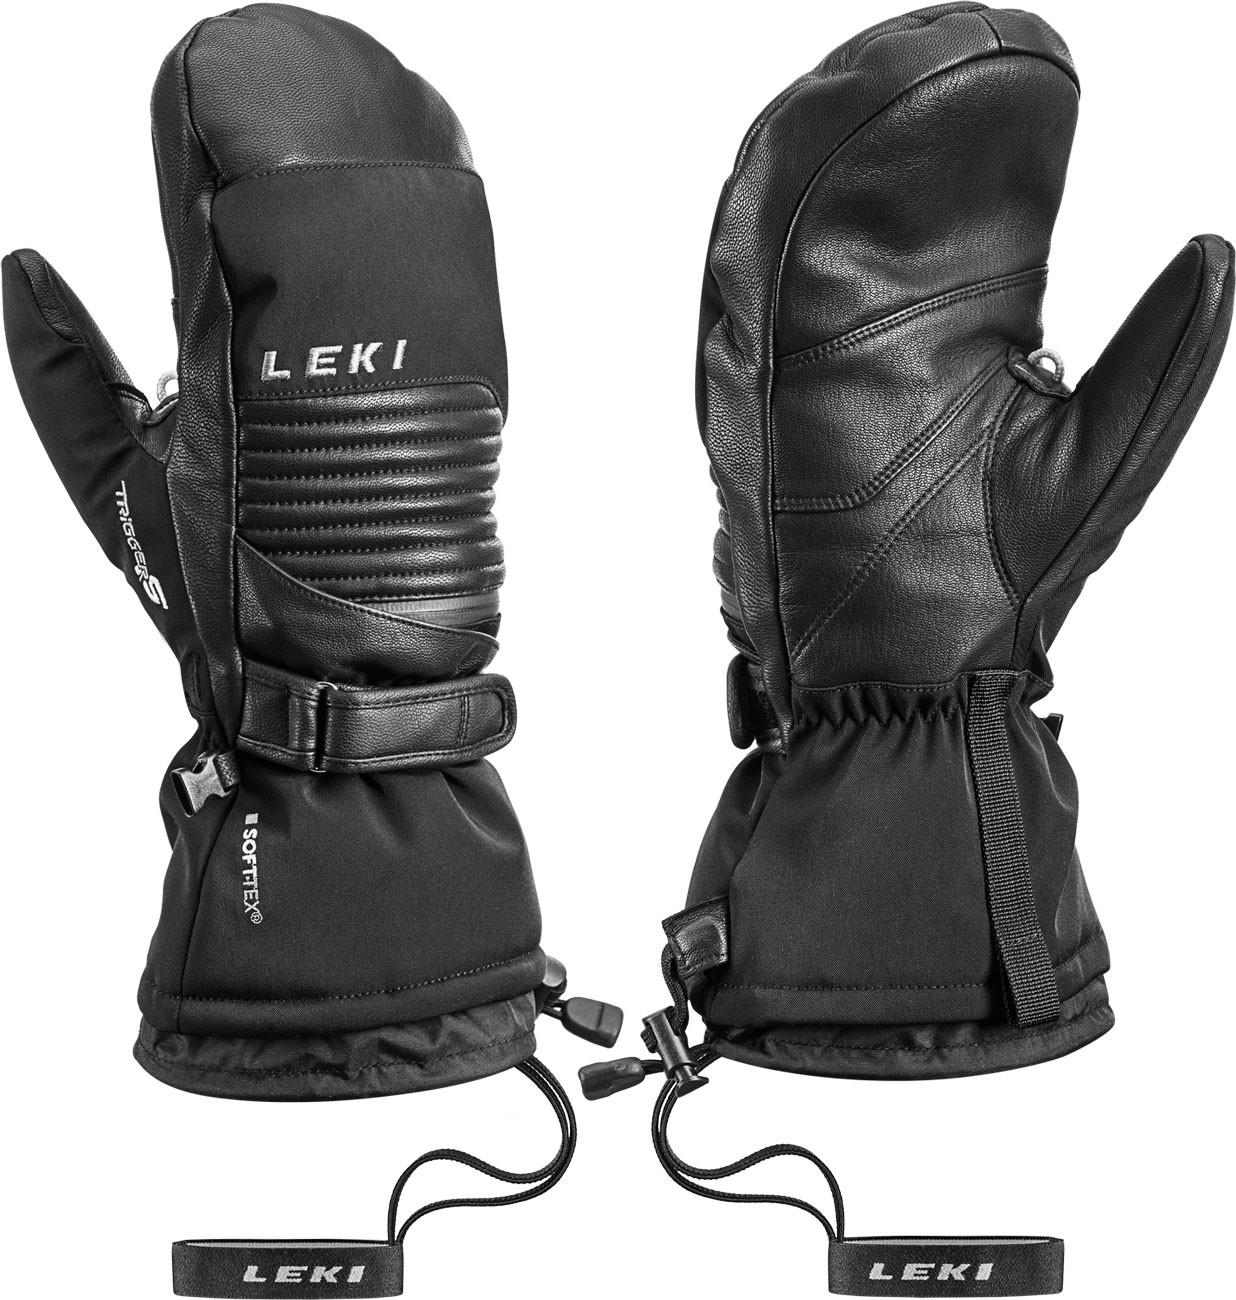 pánské sjezdové palčákové rukavice Leki Xplore XT S Mitt